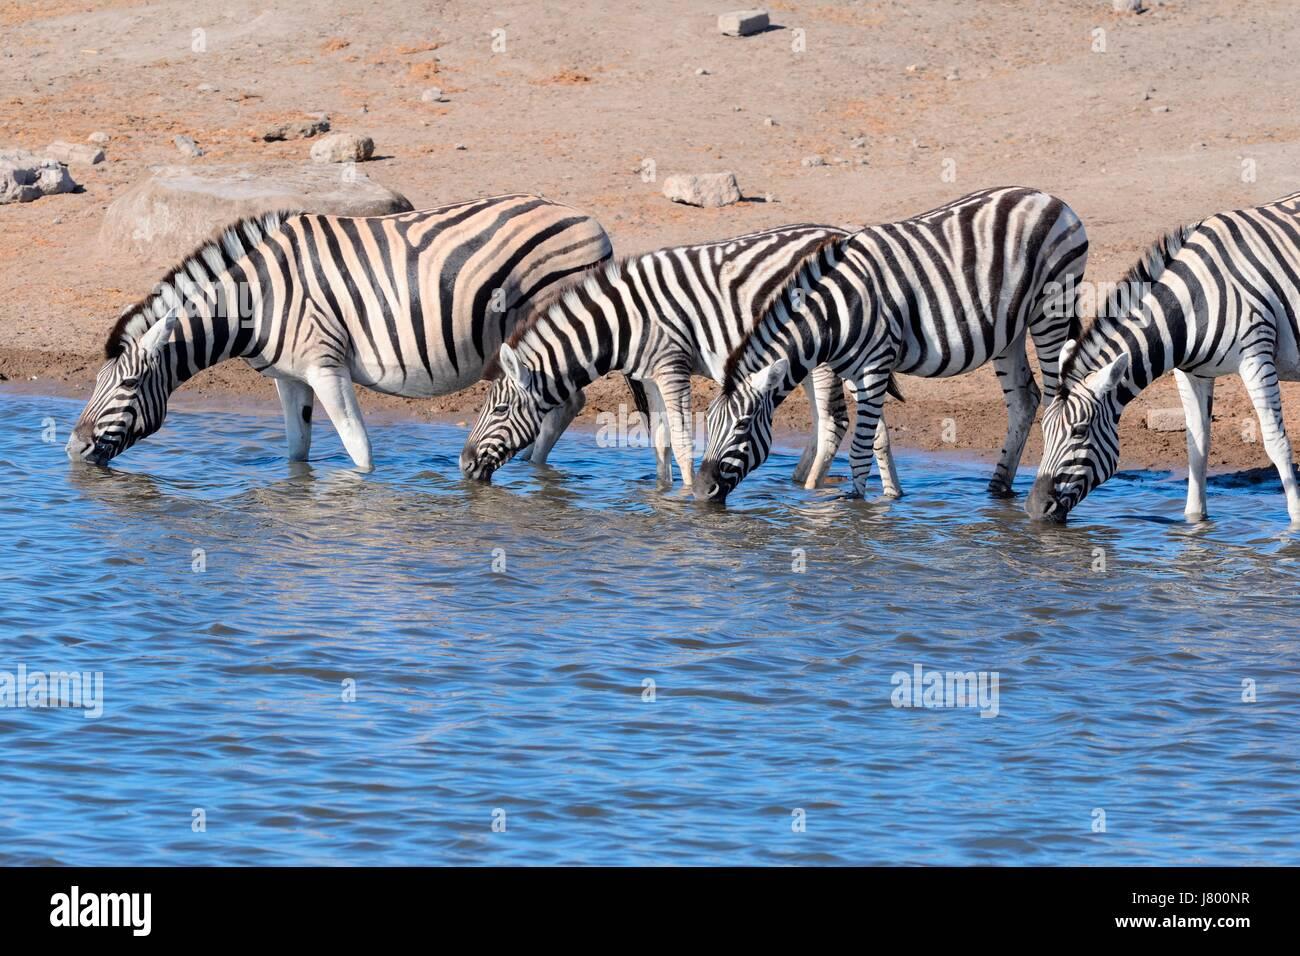 Burchell's zebras (Equus quagga burchellii), drinking at waterhole, Etosha National Park, Namibia, Africa - Stock Image